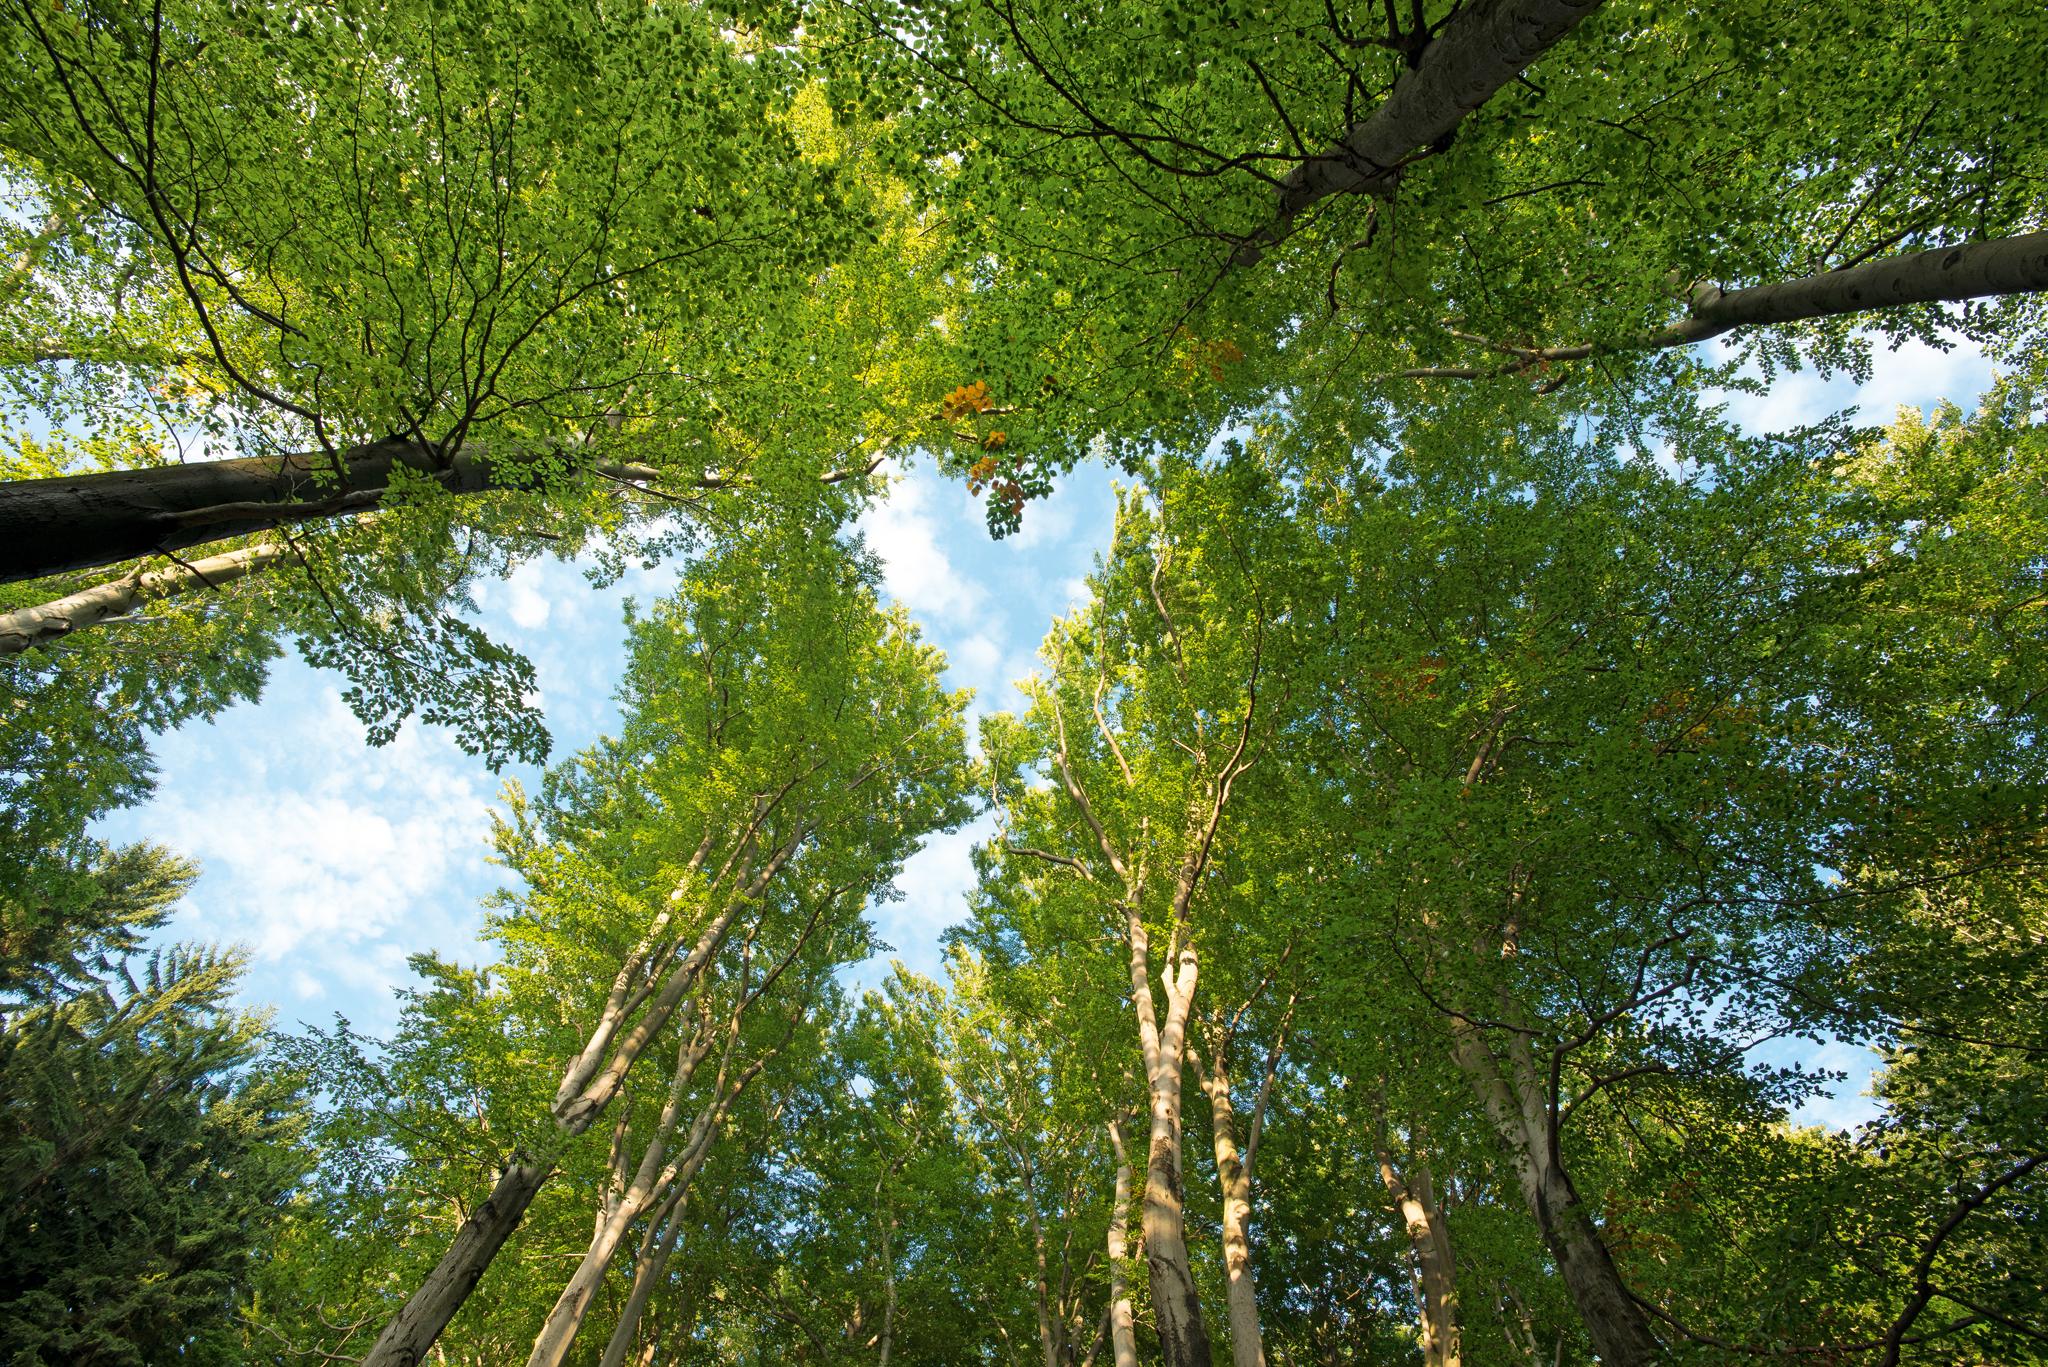 Fotosynthese ist die Lebensaufgabe der Baumkronen und ihres Blätterdachs.